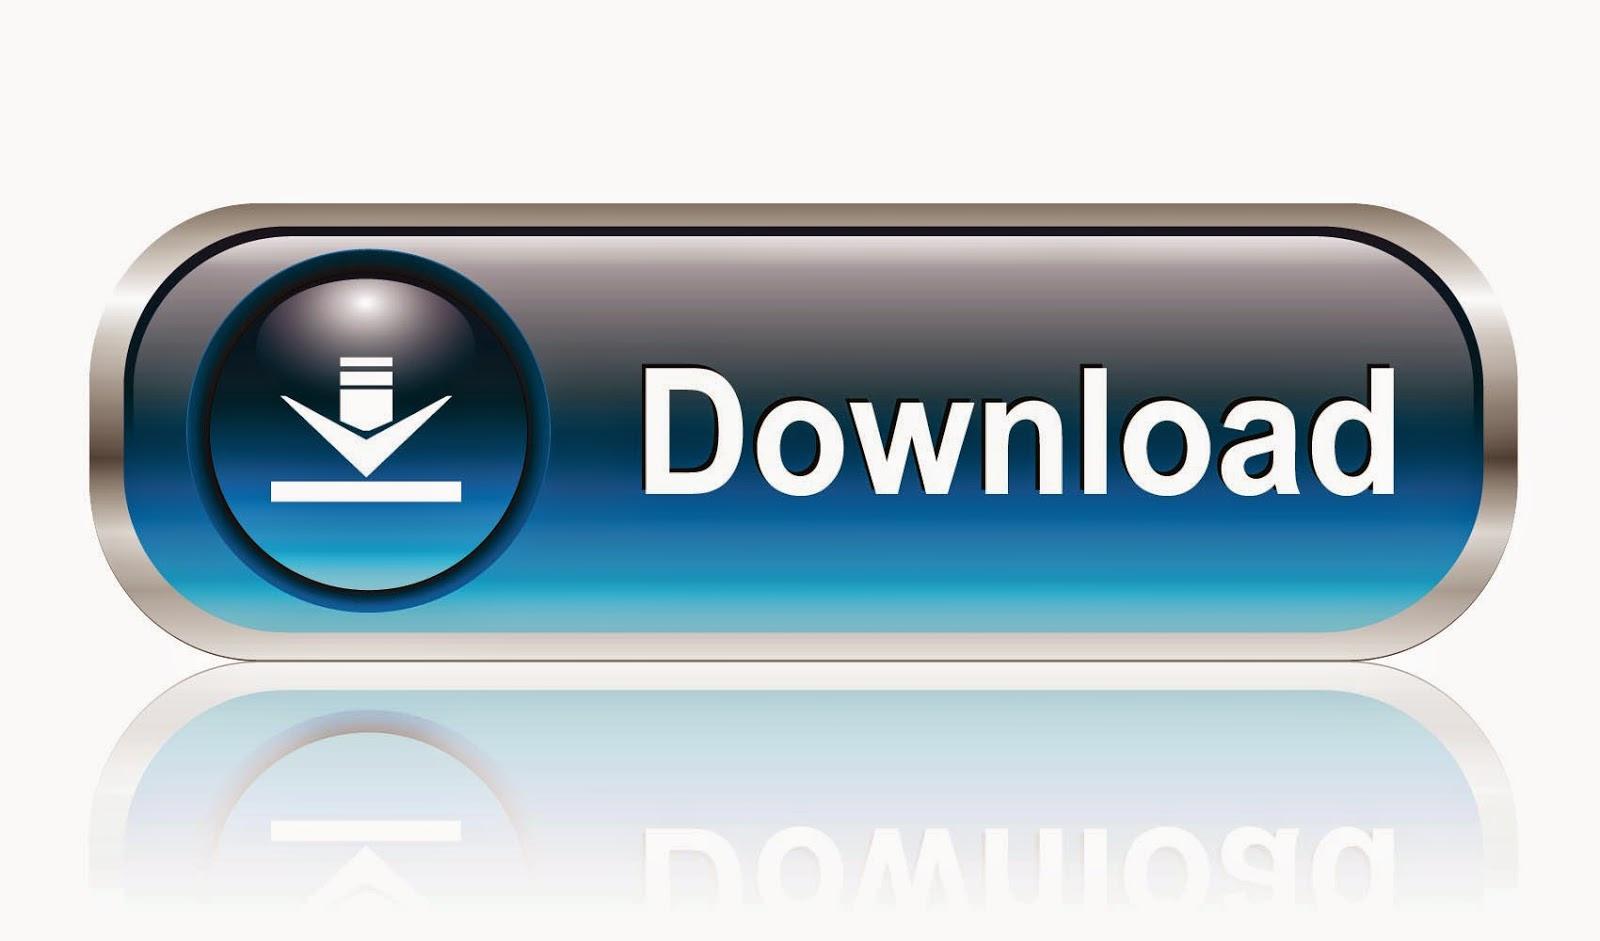 """<img src=""""http://1.bp.blogspot.com/-MpsiUWW5VoM/U2POgdHdwBI/AAAAAAAACcQ/67mJZcrsKVA/s1600/adwcleaner-free-download.png"""" alt=""""AdwCleaner 3.2 Free Download"""" />"""